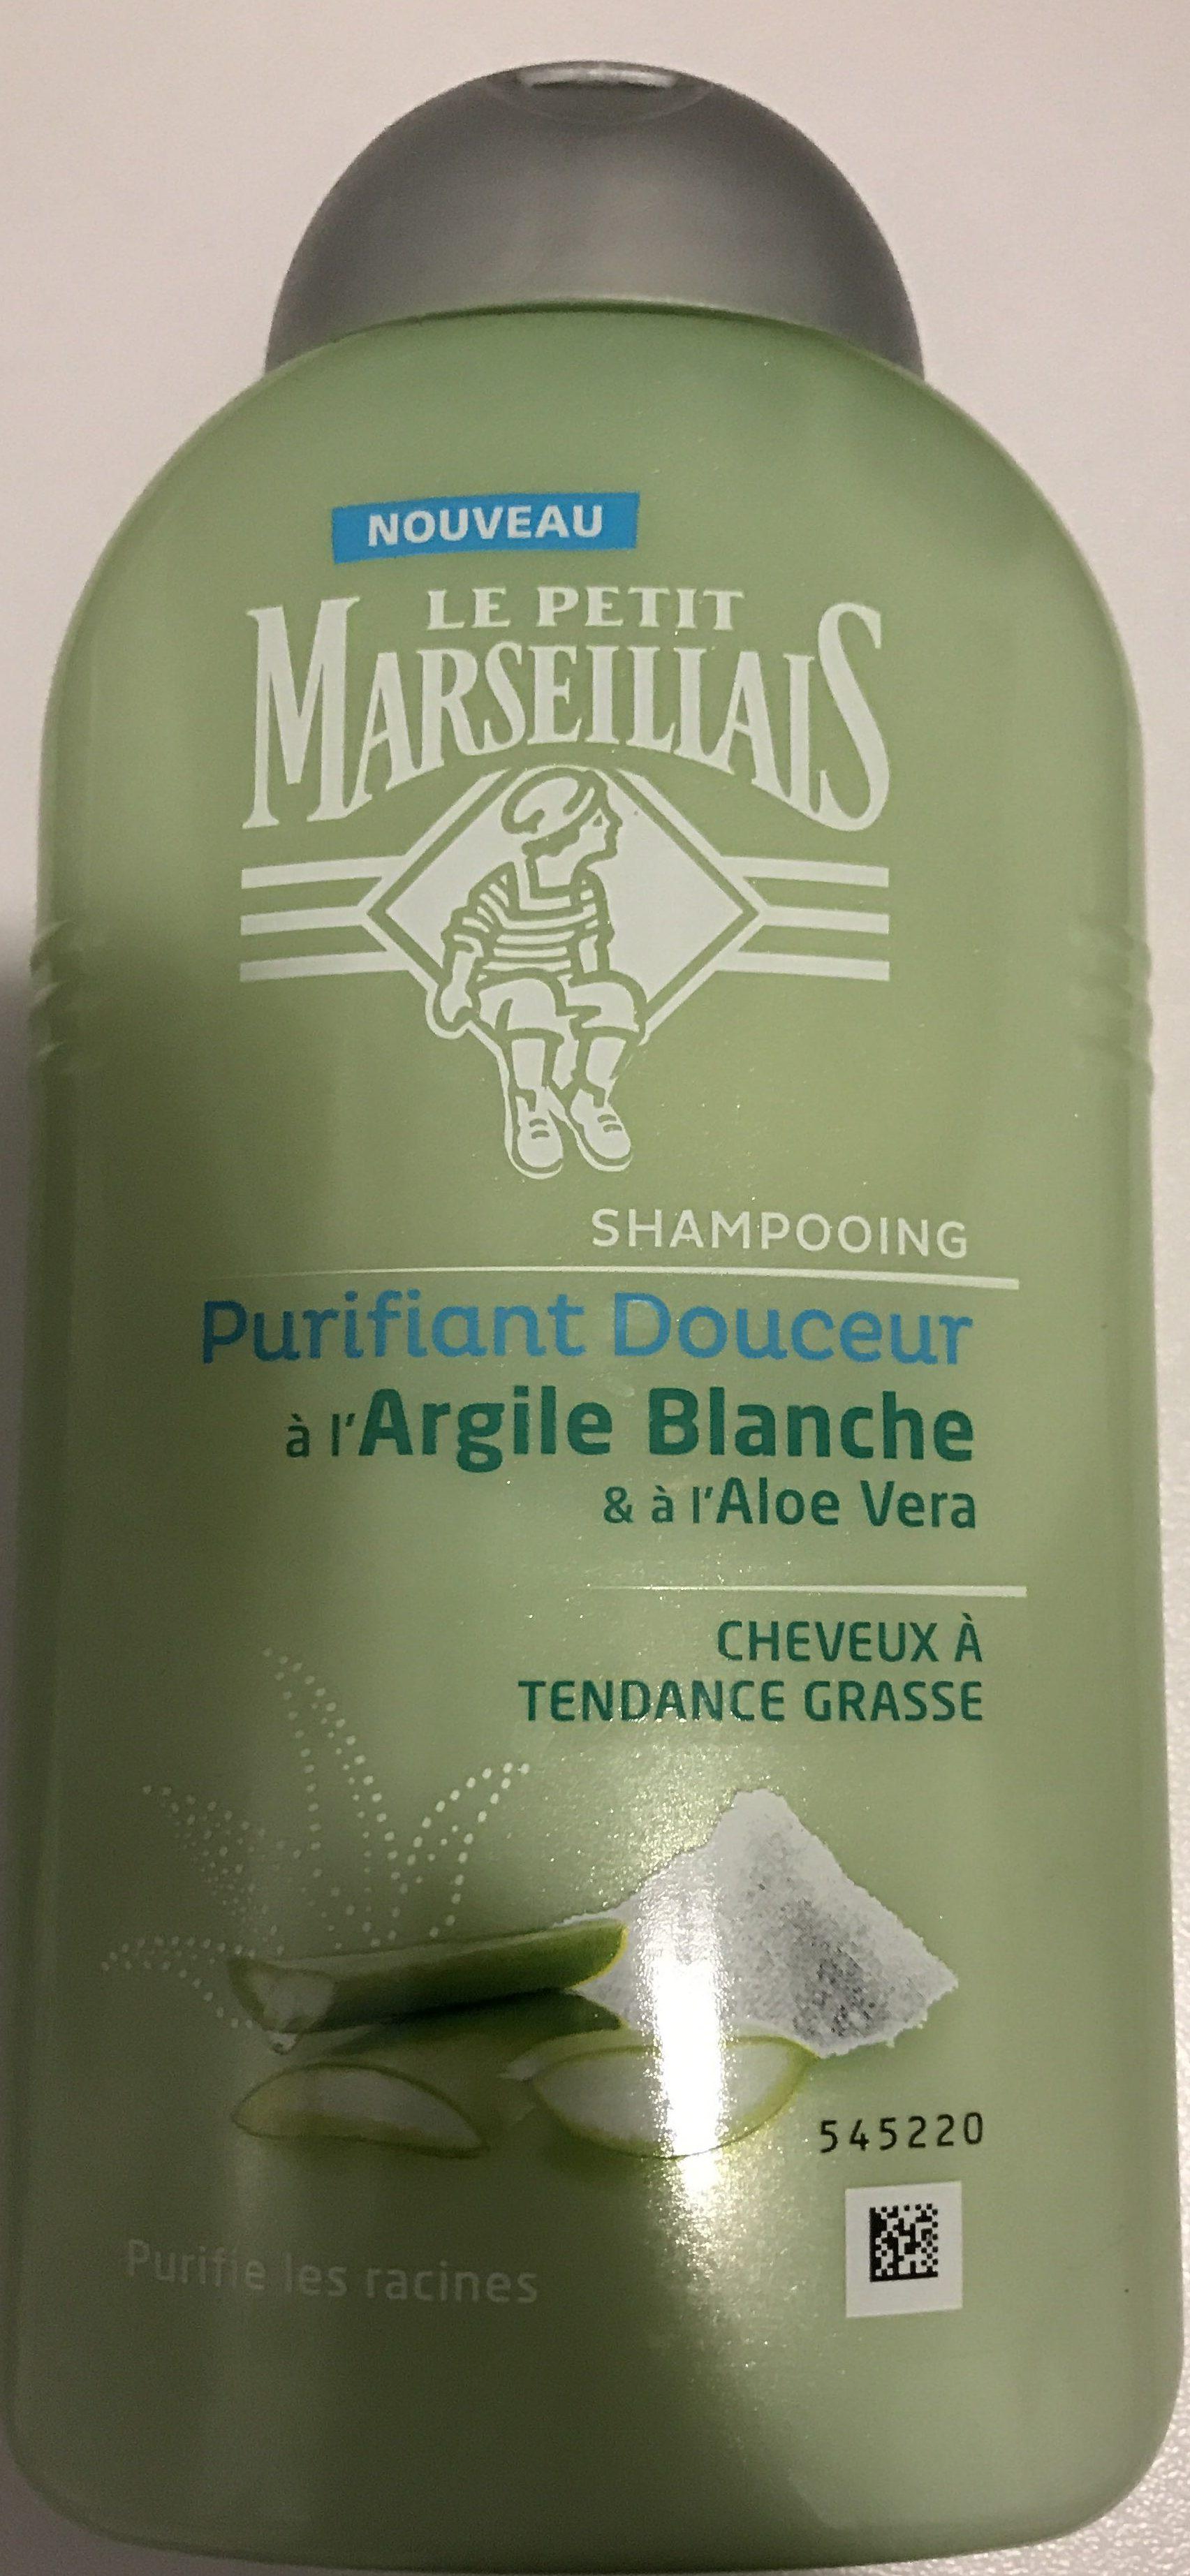 Shampooing Purifiant Douceur à l'Argile Blanche & à l'Aloe Vera - Produit - fr